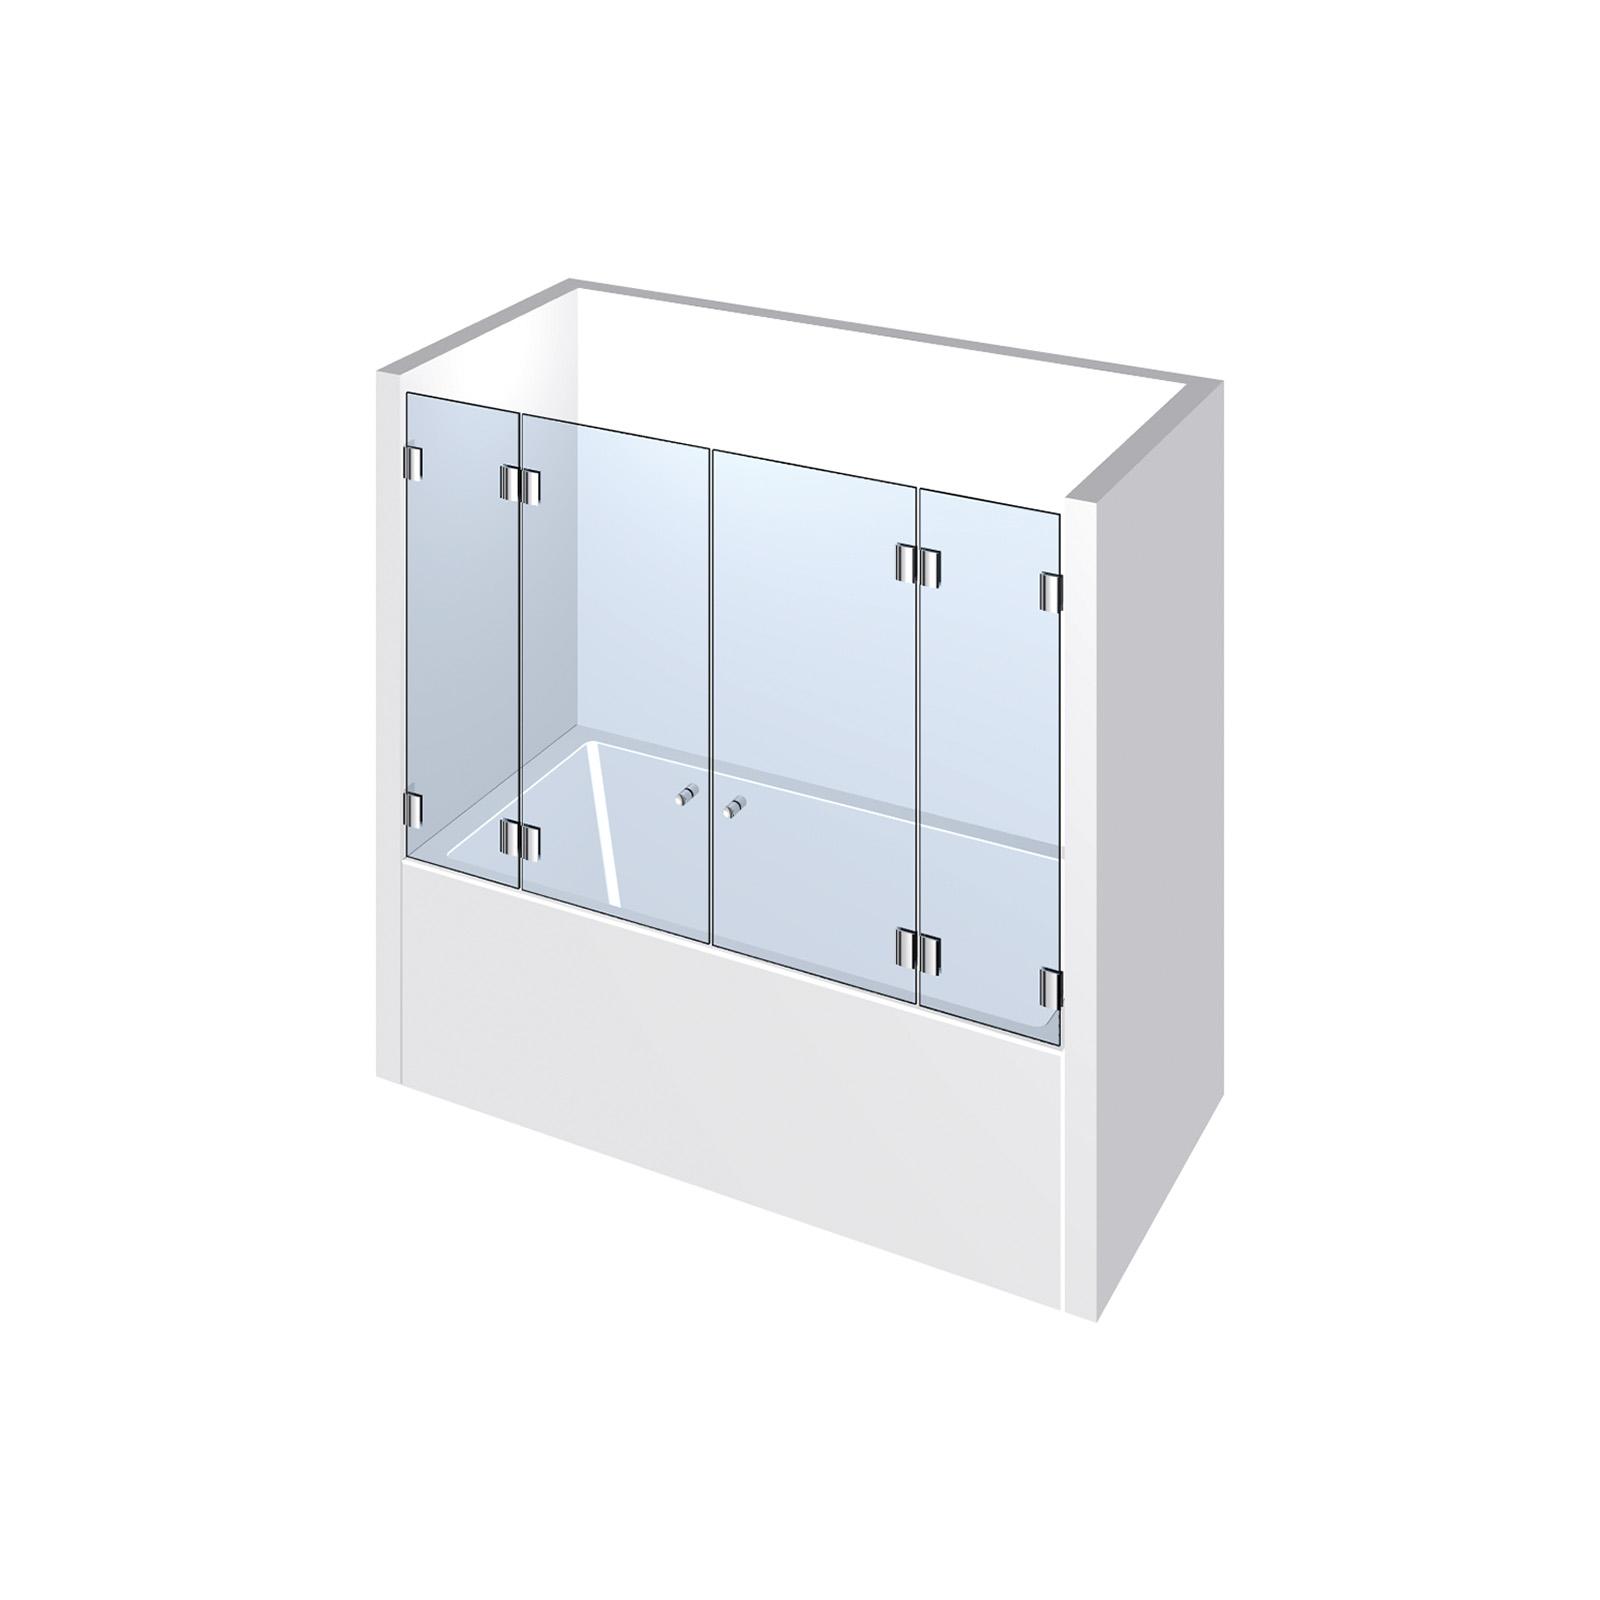 echtglasdusche typ 616 weitere aus glas duschkabinen duschw nde. Black Bedroom Furniture Sets. Home Design Ideas